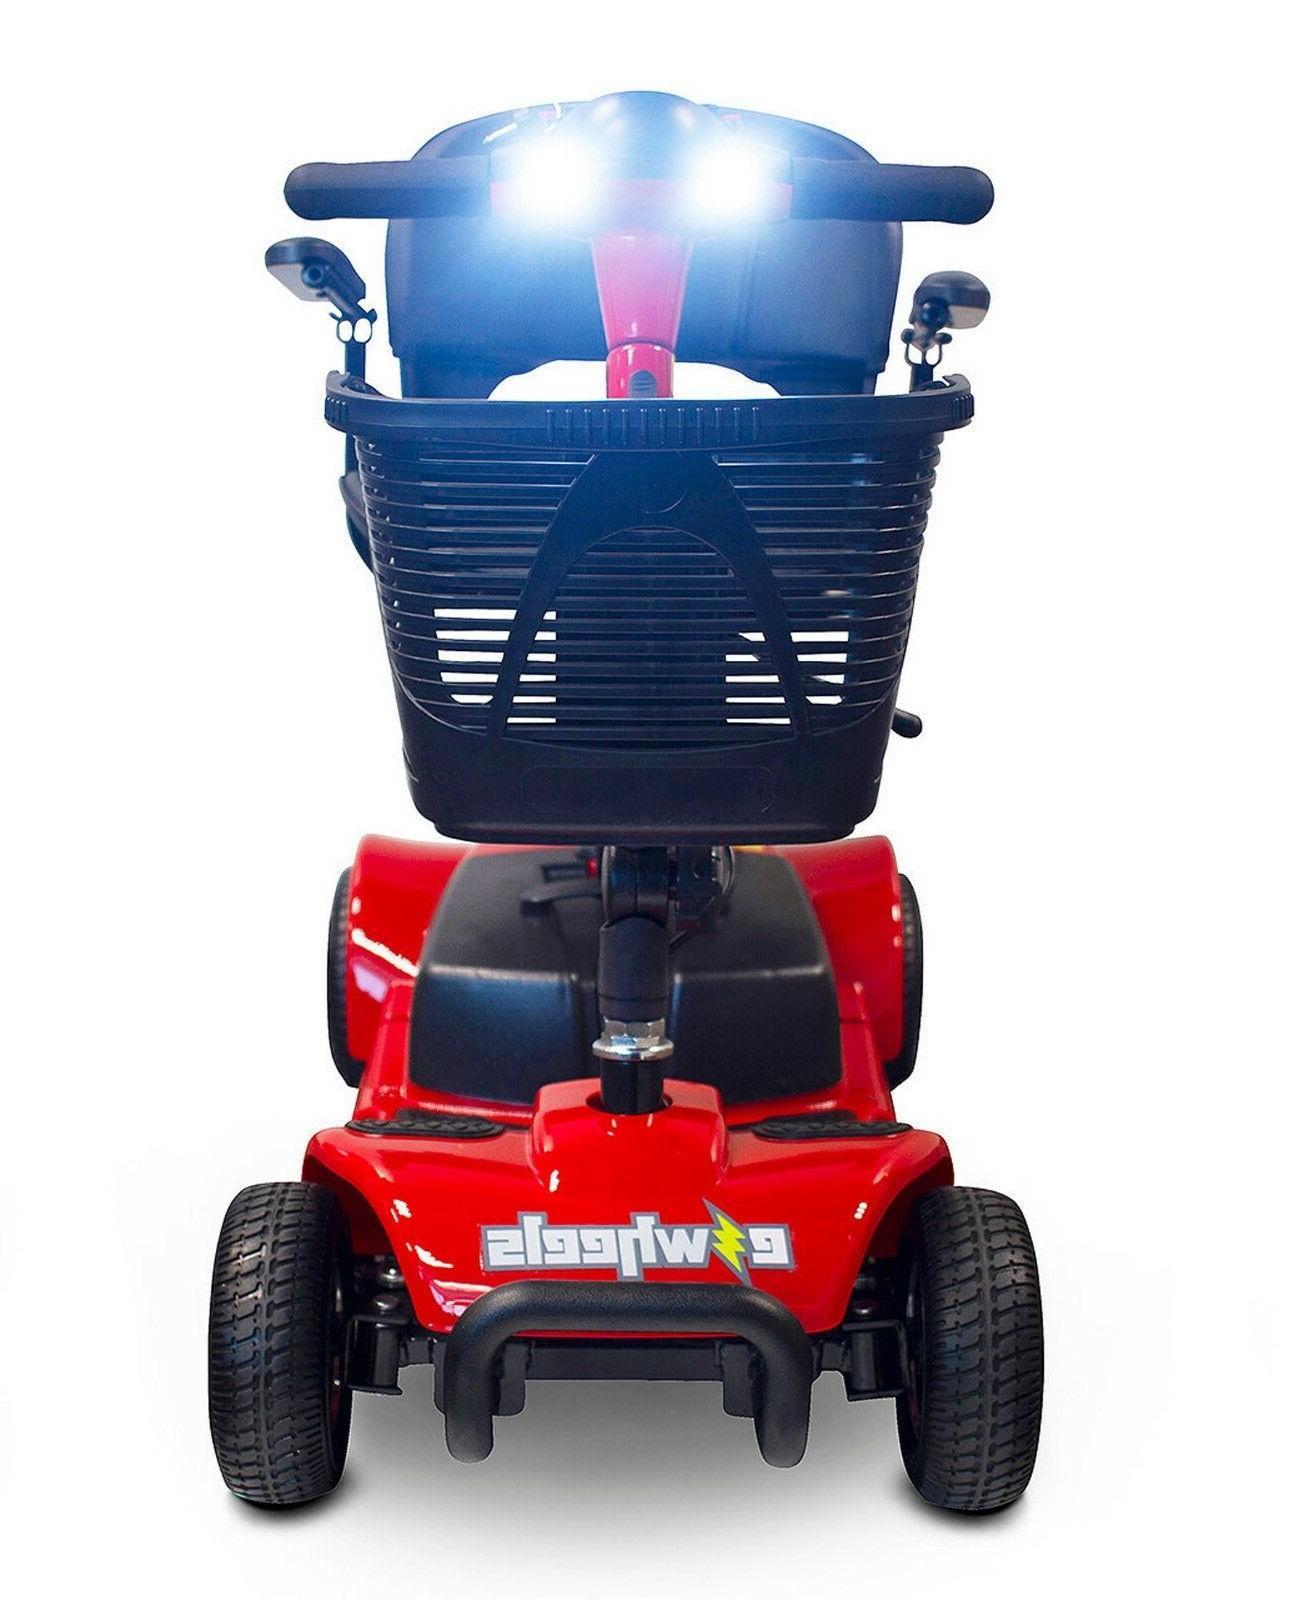 EWheels 4 Wheel Mobility Scooter, Transport, Swivel